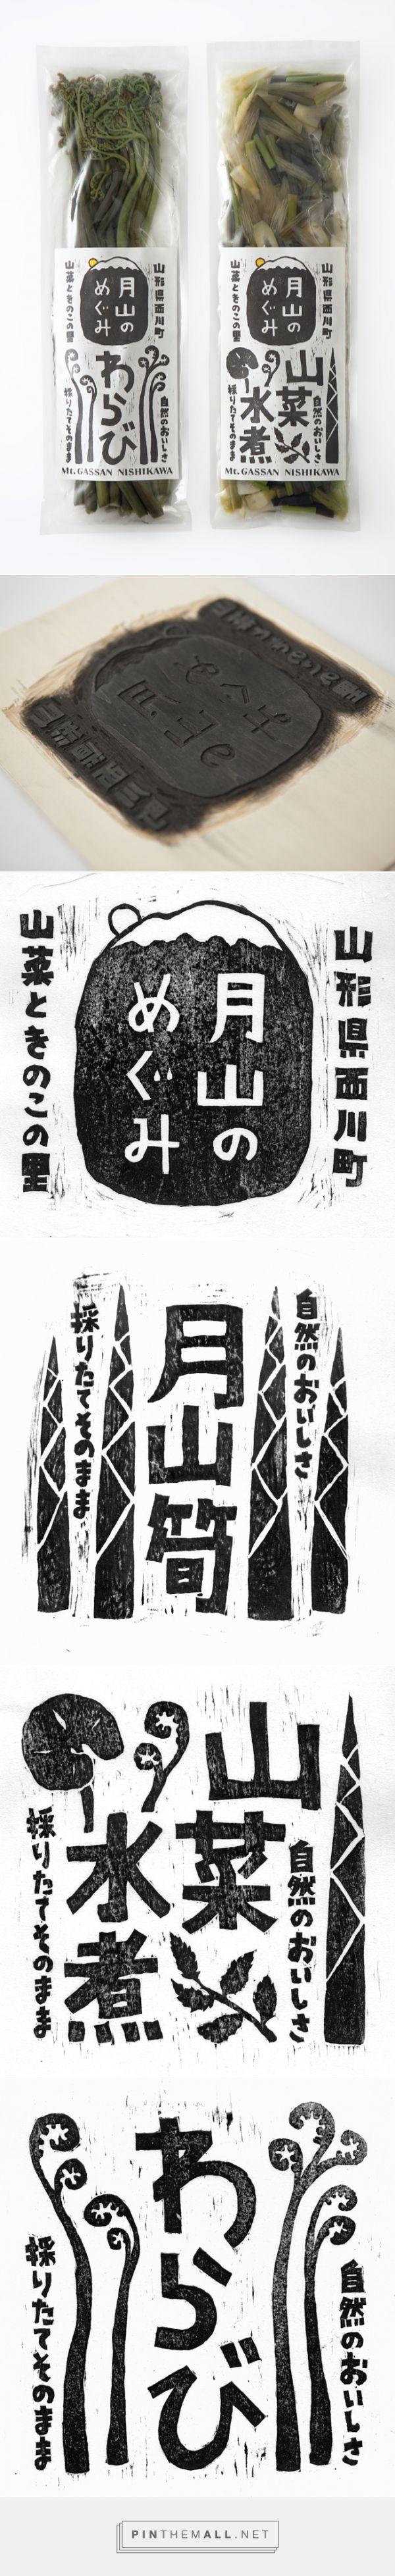 パッケージ ブランディング ロゴ